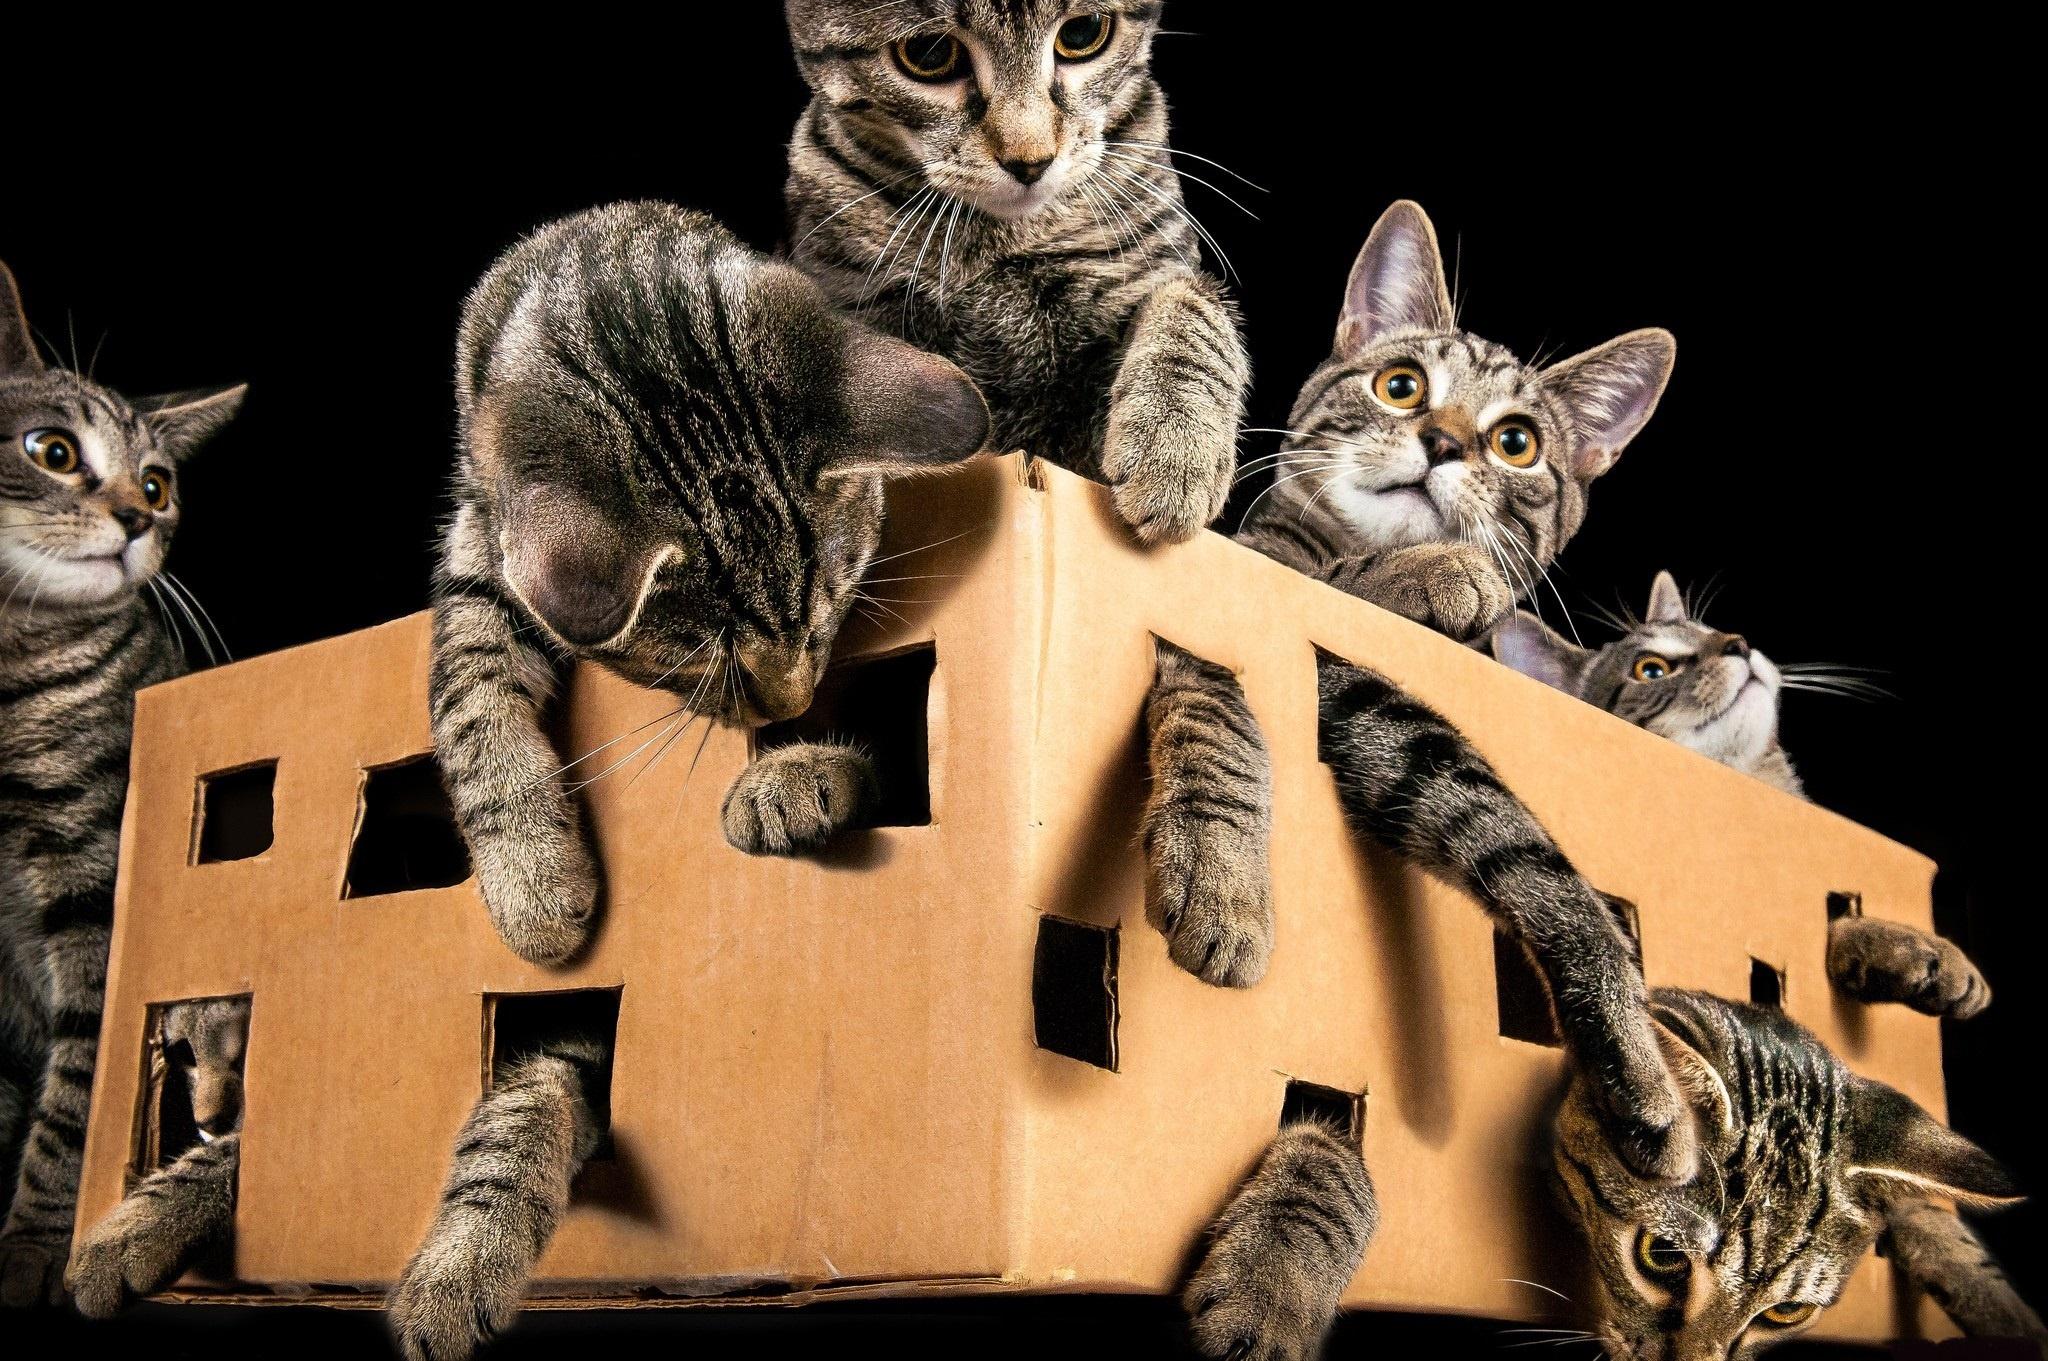 Картинки о людях и кошках прикольные чем сойти